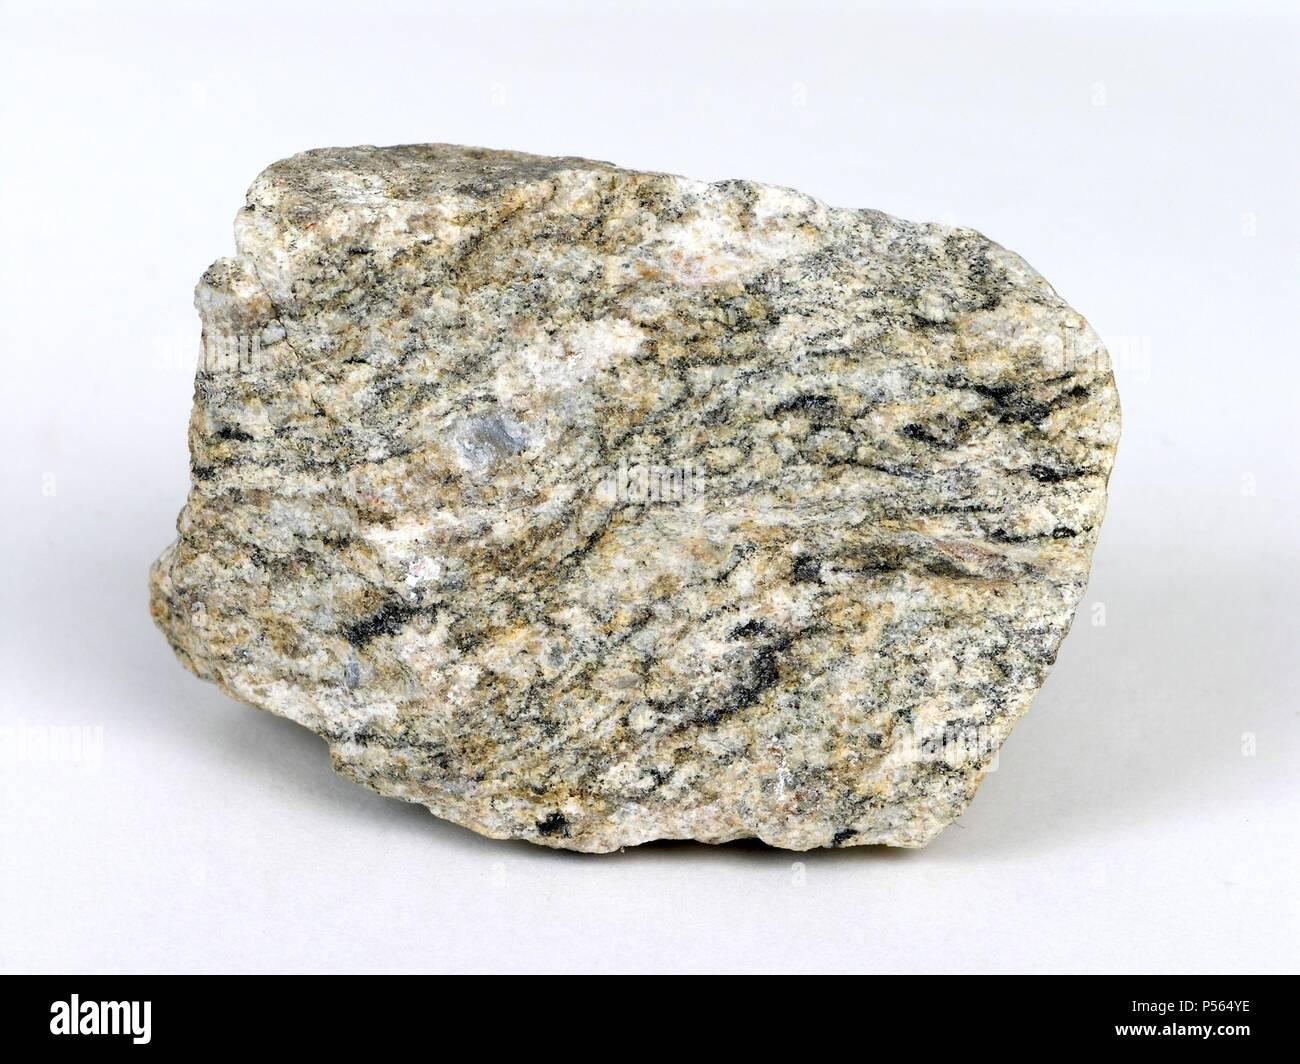 GNEISS (NEIS). Roca metamórfica compuesta de feldespato, cuarzo, feldespato y mica con textura esquistosa. - Stock Image